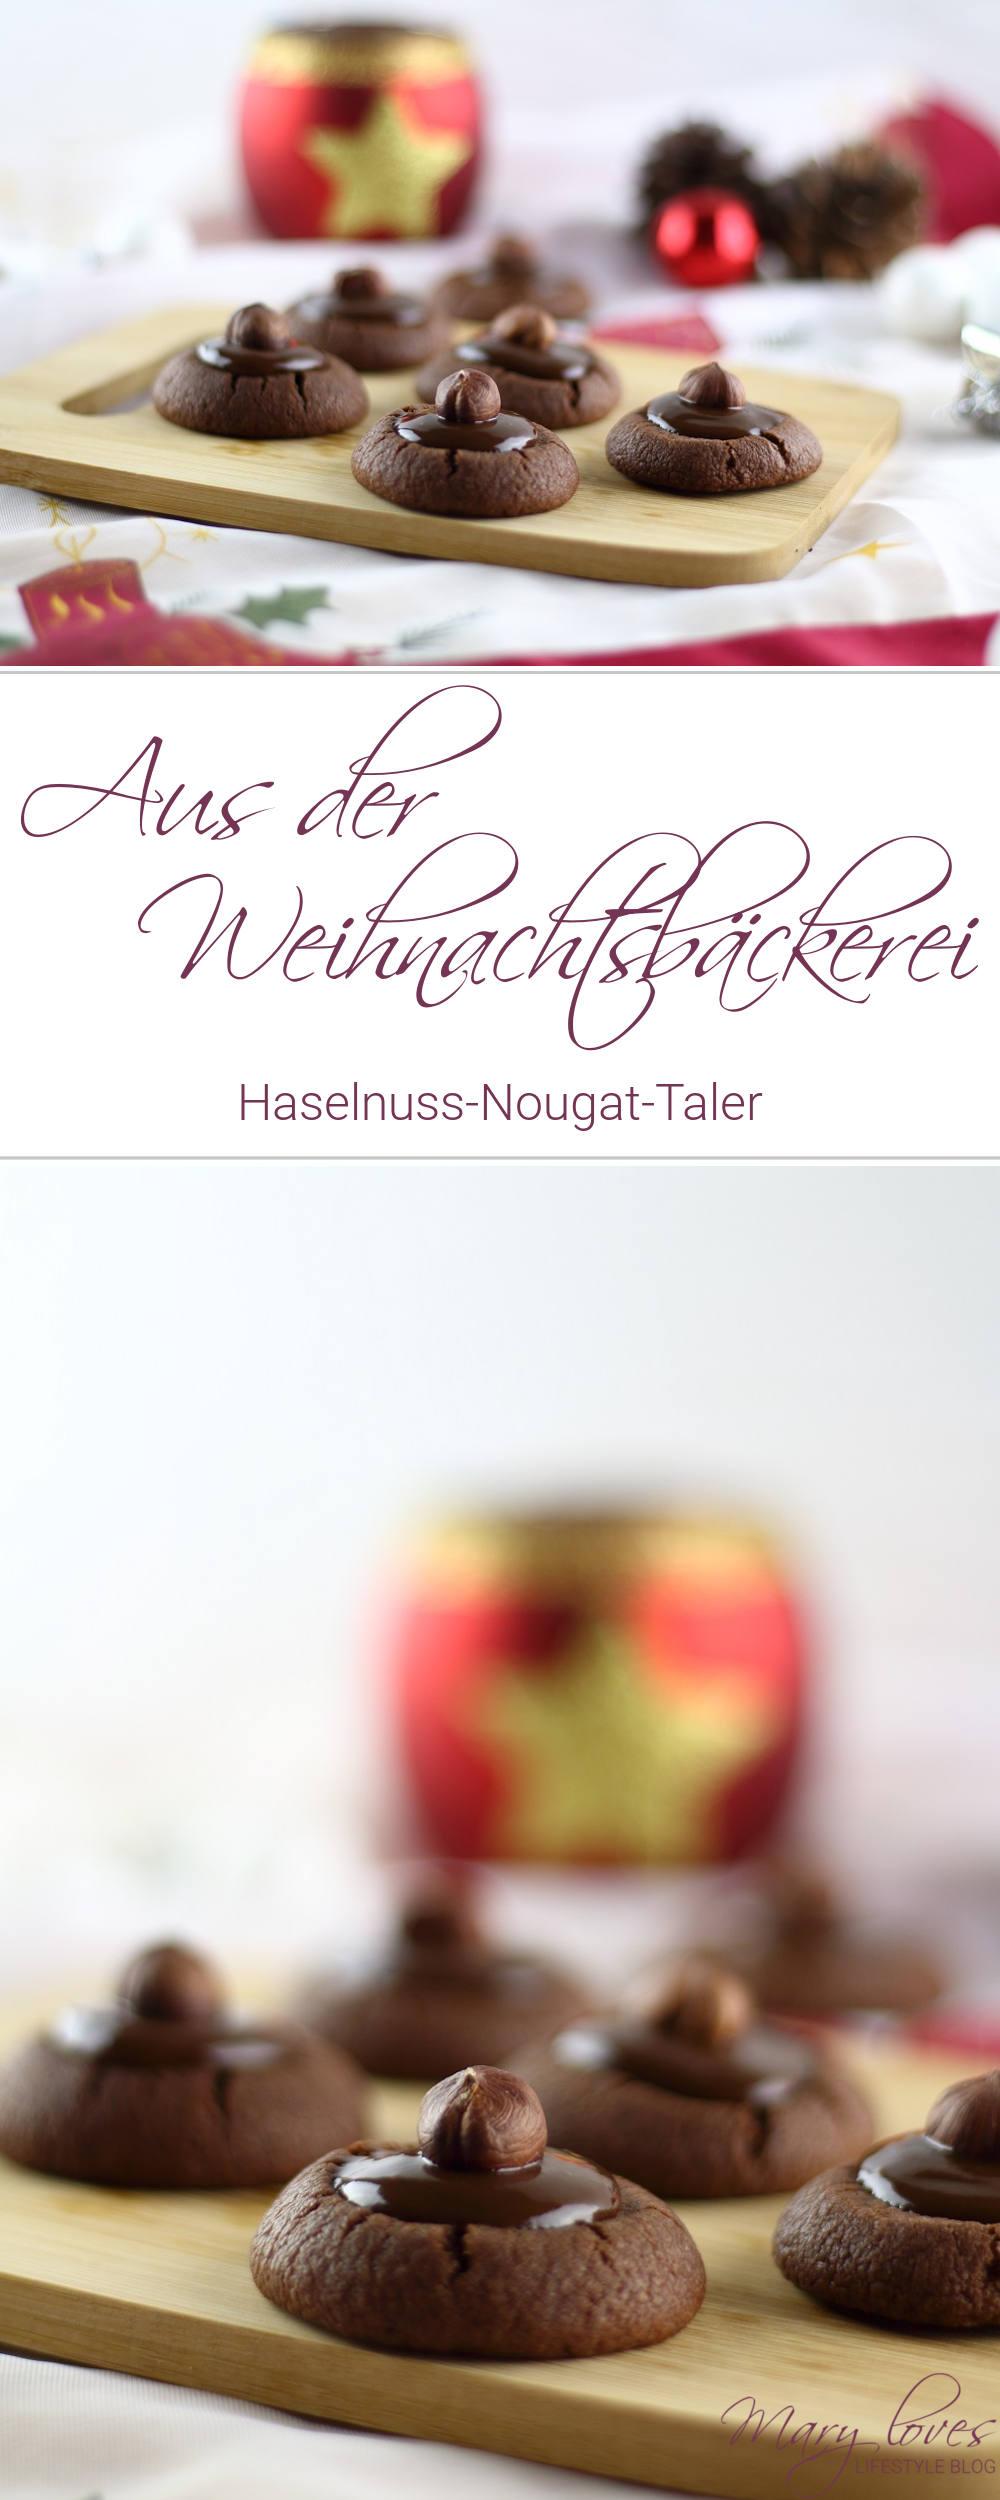 Aus der Weihnachtsbäckerei - Haselnuss-Nougat-Taler - #weihnachtsbäckerei #haselnussnougattaler #plätzchen #weihnachtsplätzen #plätzchenrezept